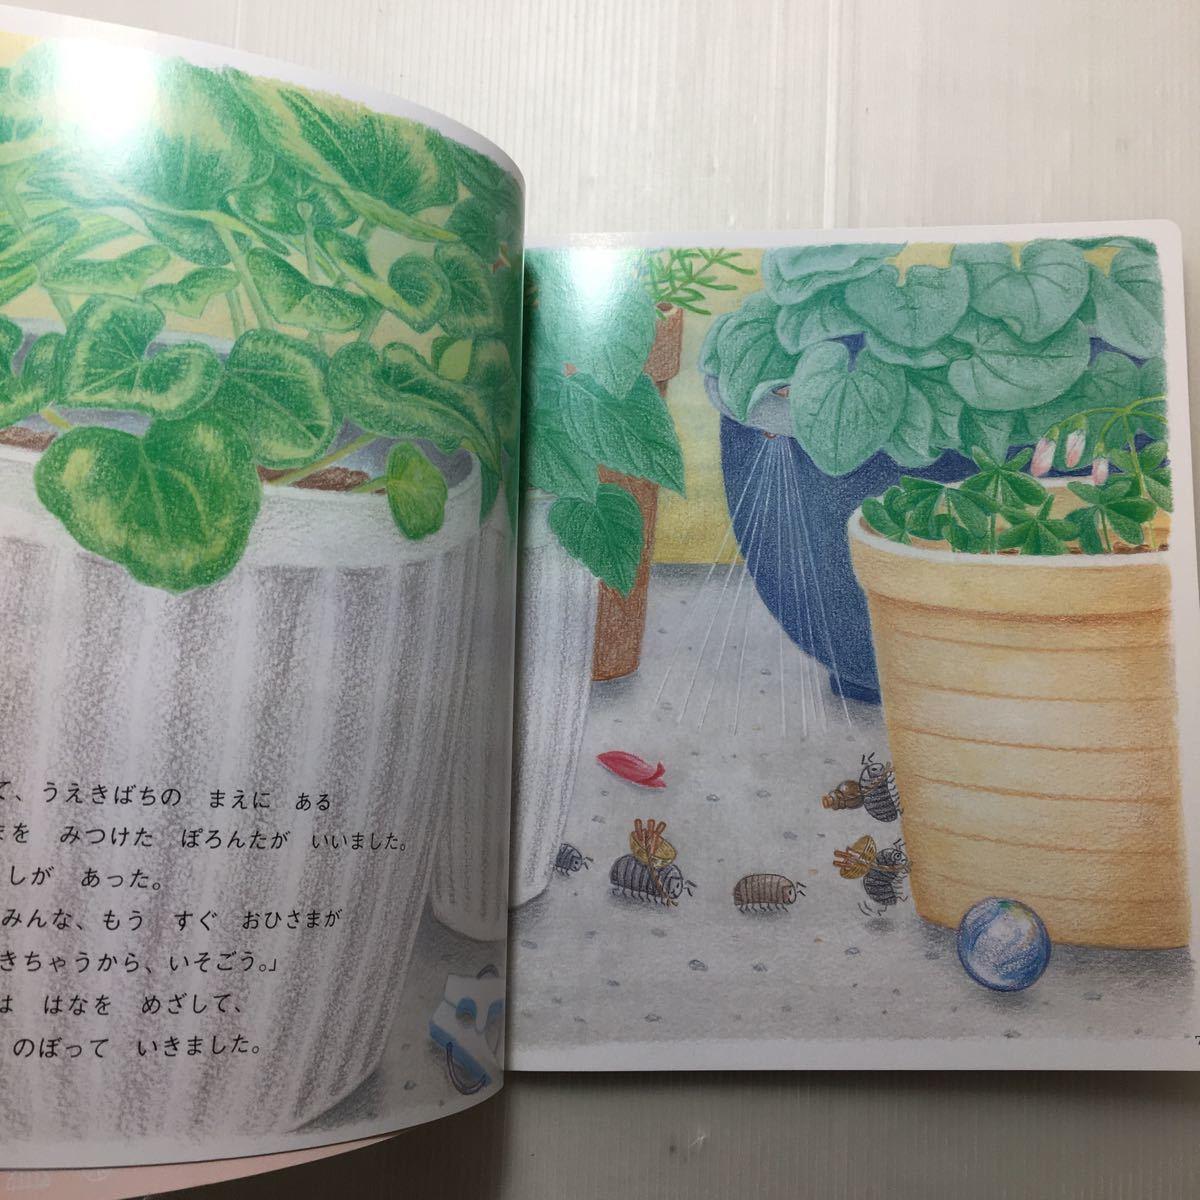 zaa-138♪だんごむしとまんまるおつきさま 伊藤知紗(作・絵) (おはなしひかりのくに)2017年9月号